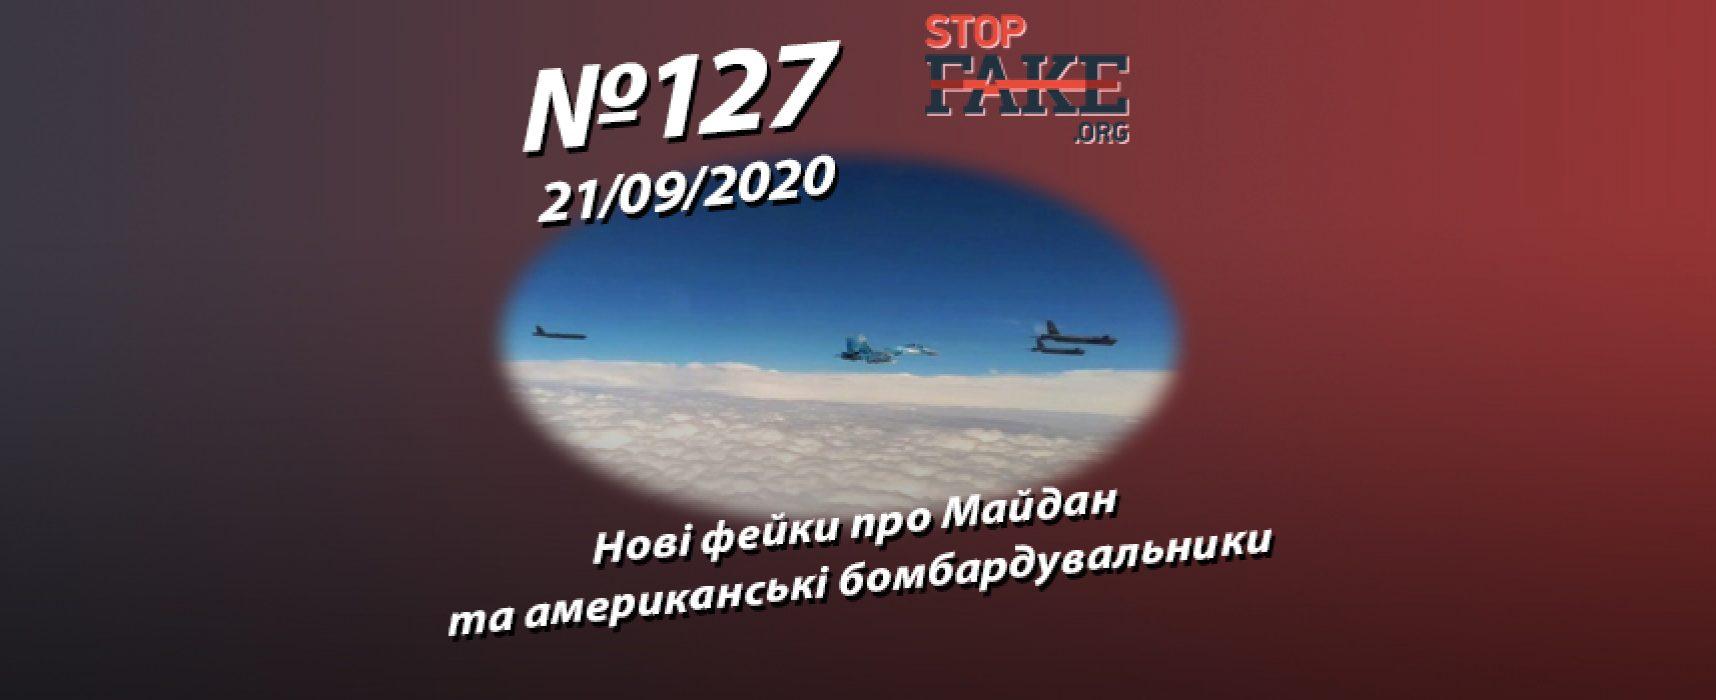 Нові фейки про Майдан та американські бомбардувальники – StopFake.org